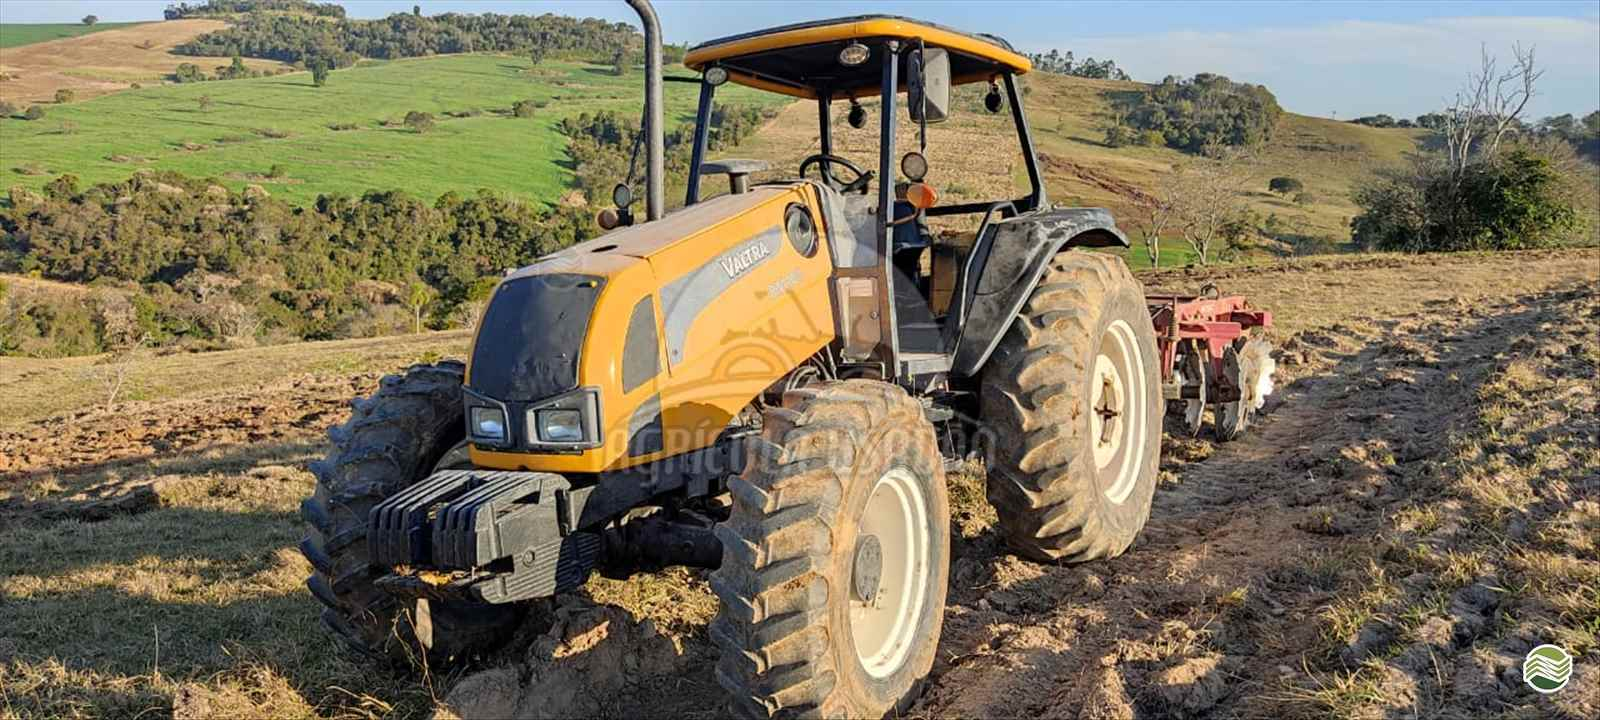 TRATOR VALTRA VALTRA BM 100 Tração 4x4 Agrícola Usadão TAQUARITUBA SÃO PAULO SP